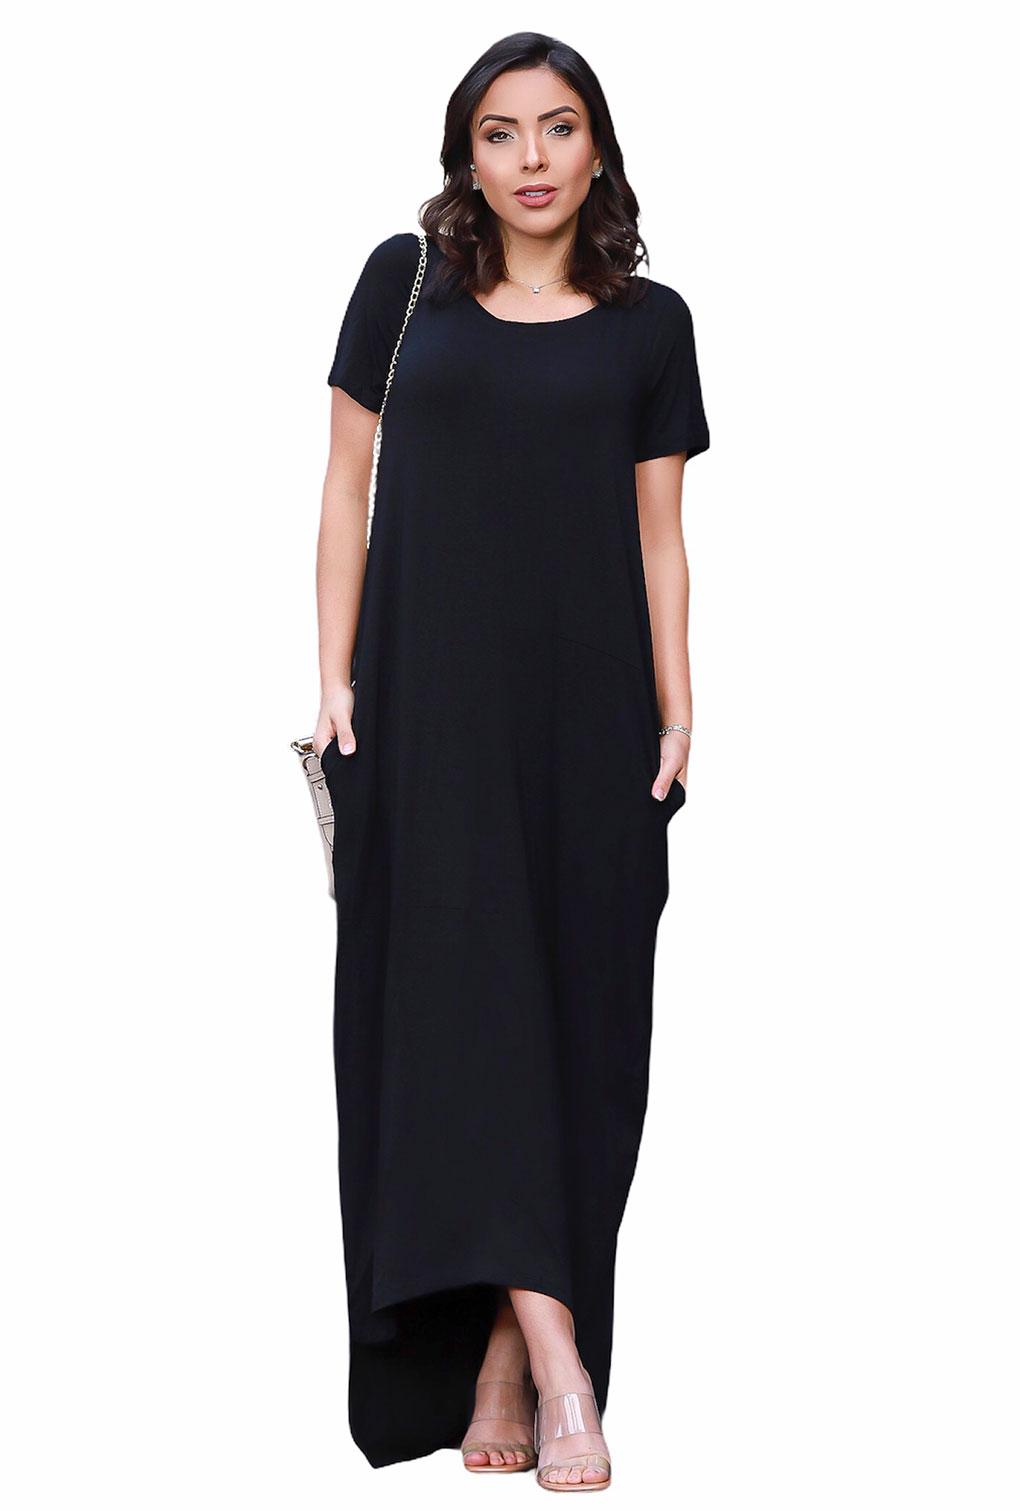 Vestido Longo Manga Curta Com Bolso Detalhe na Barra Blogueira  - ModaStore | Moda Feminina